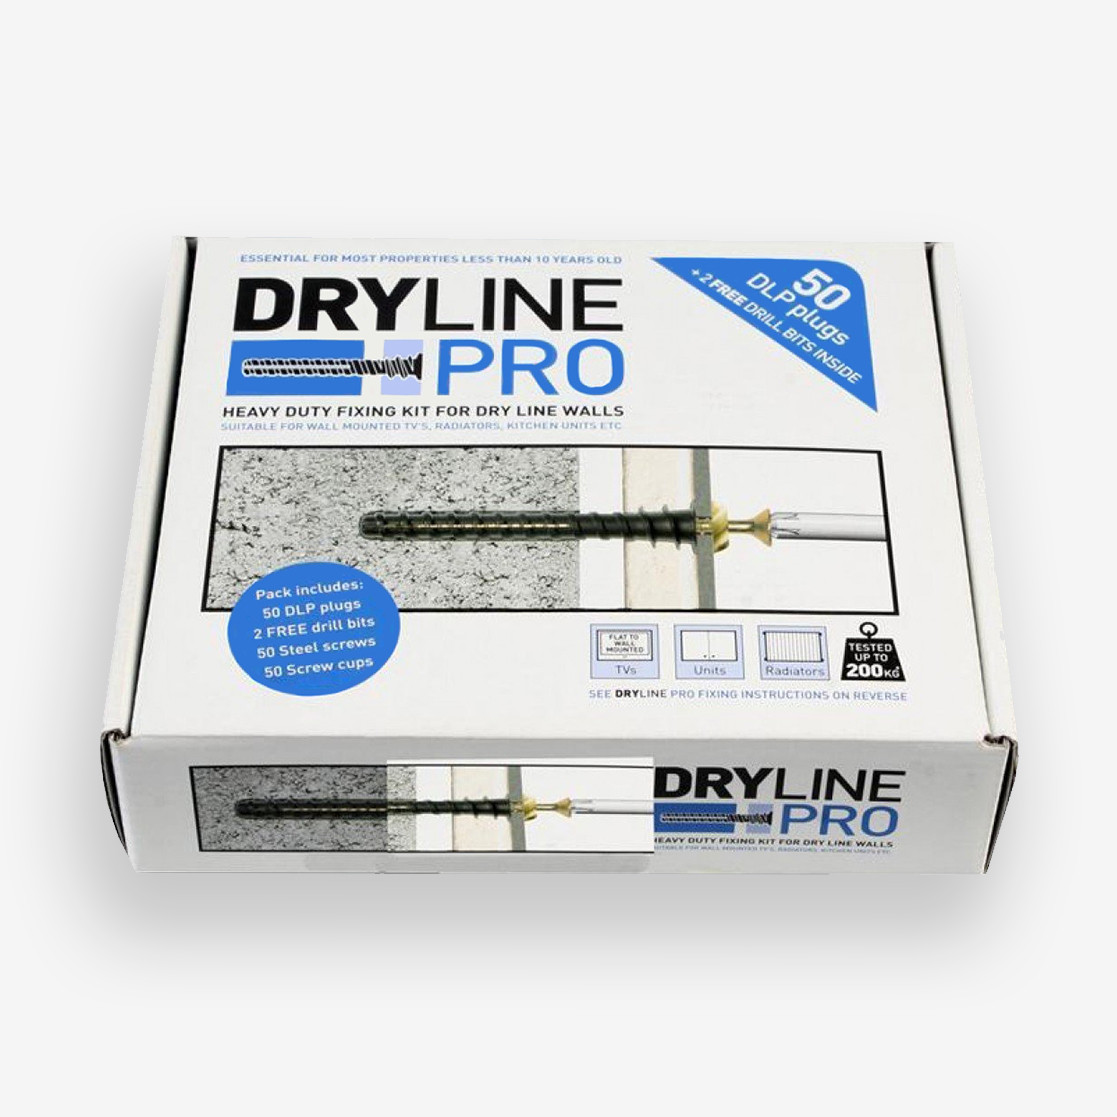 DrylinePro